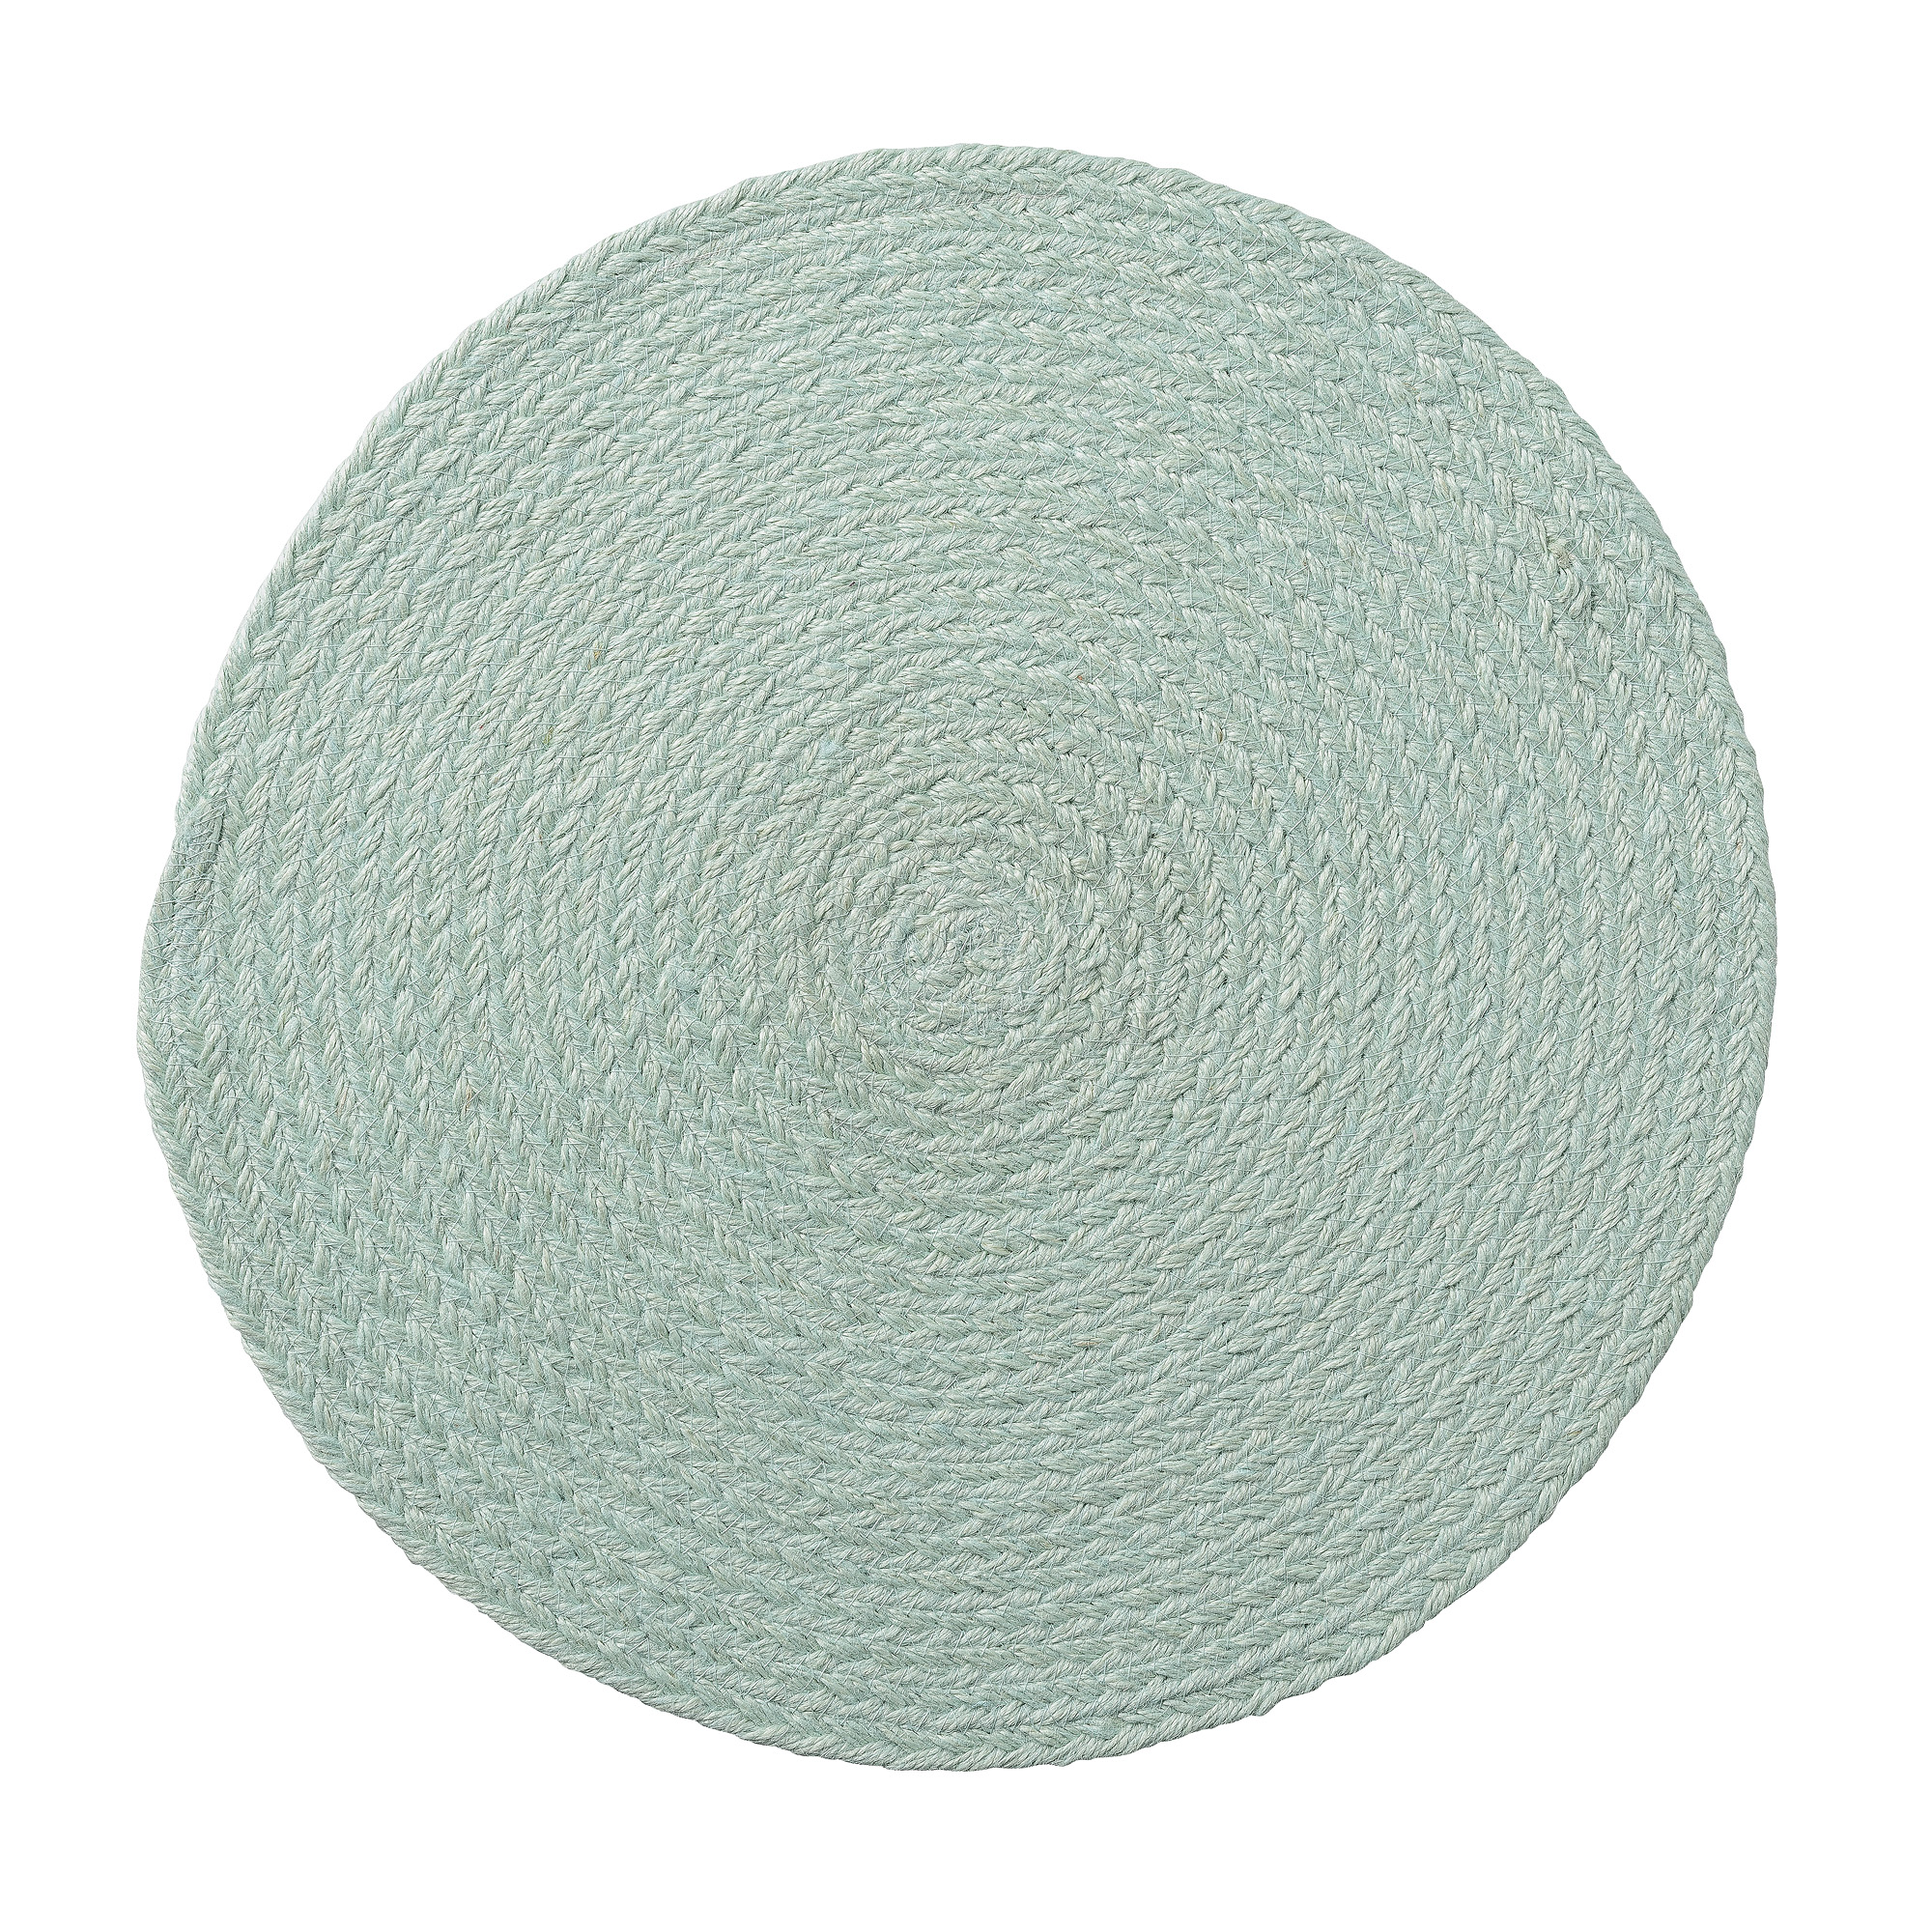 Suport pentru farfurie Verde, Ø38 cm poza